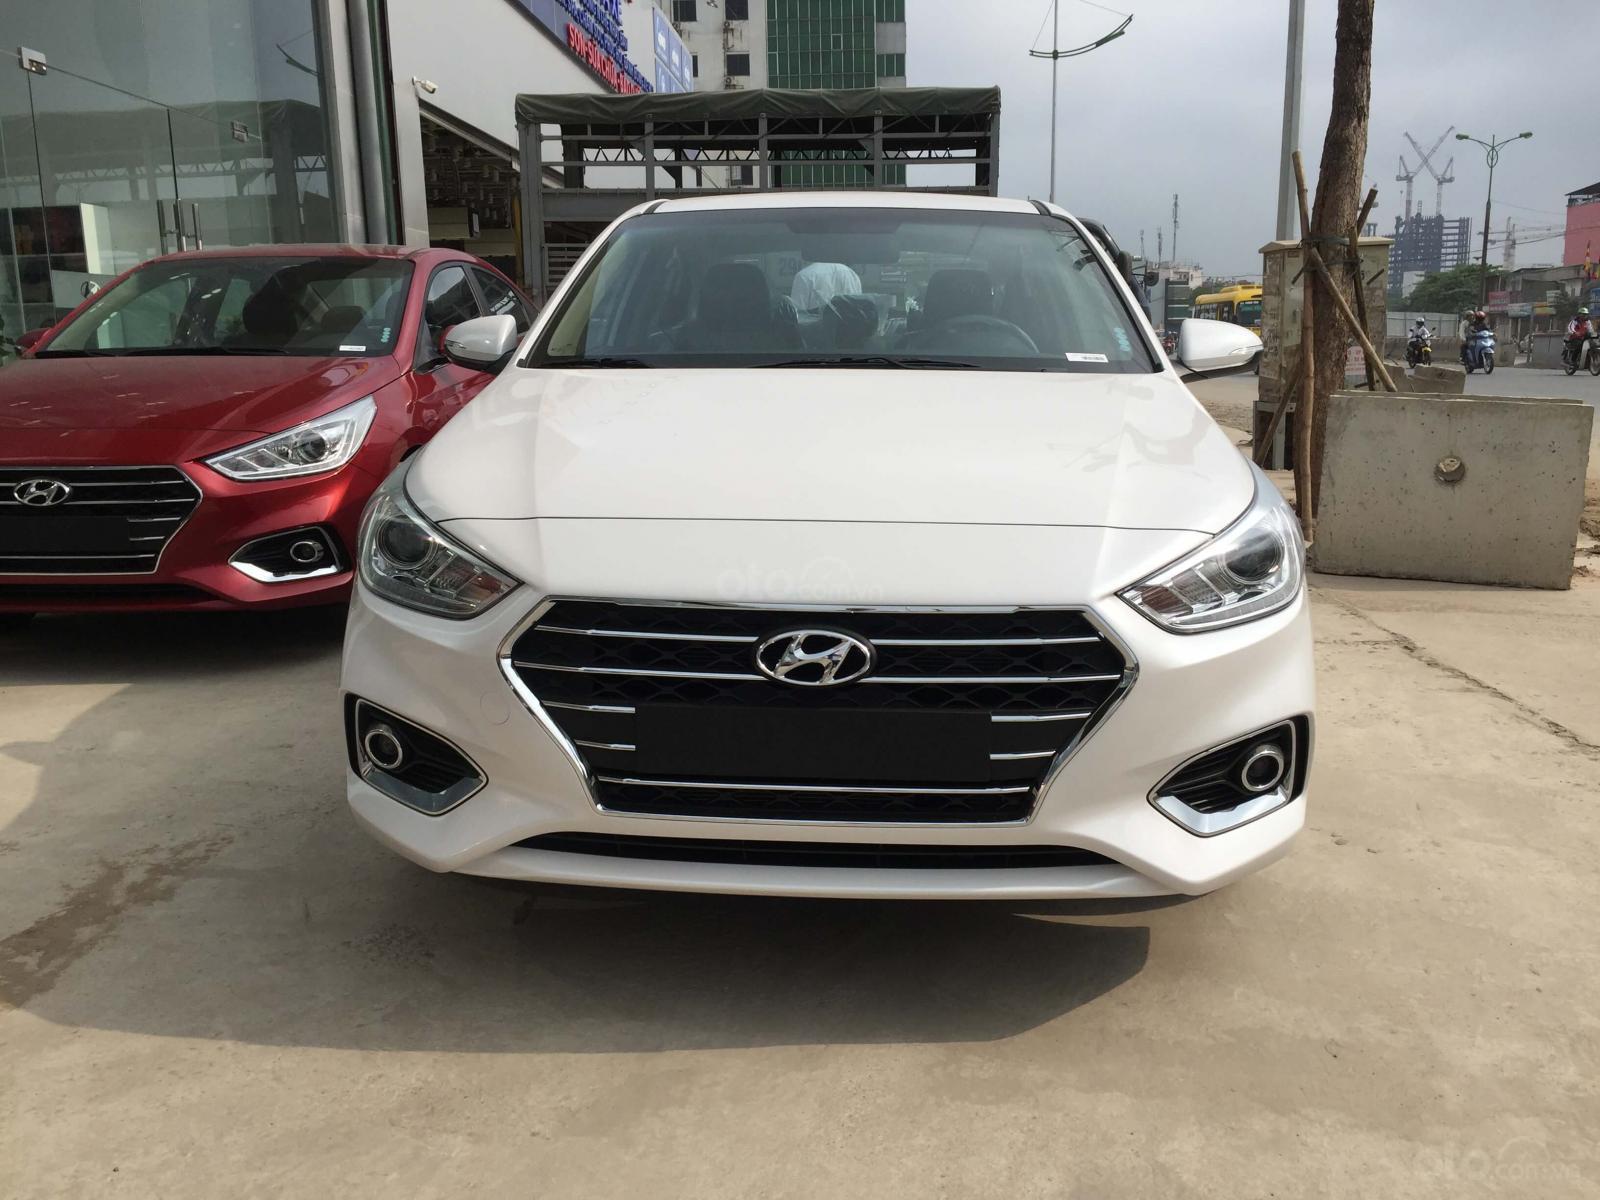 Hyundai Accent 1.4 AT đặc biệt - Hyundai Accent mới: giá xe và khuyến mãi tháng [hienthithang]/[hienthinam]